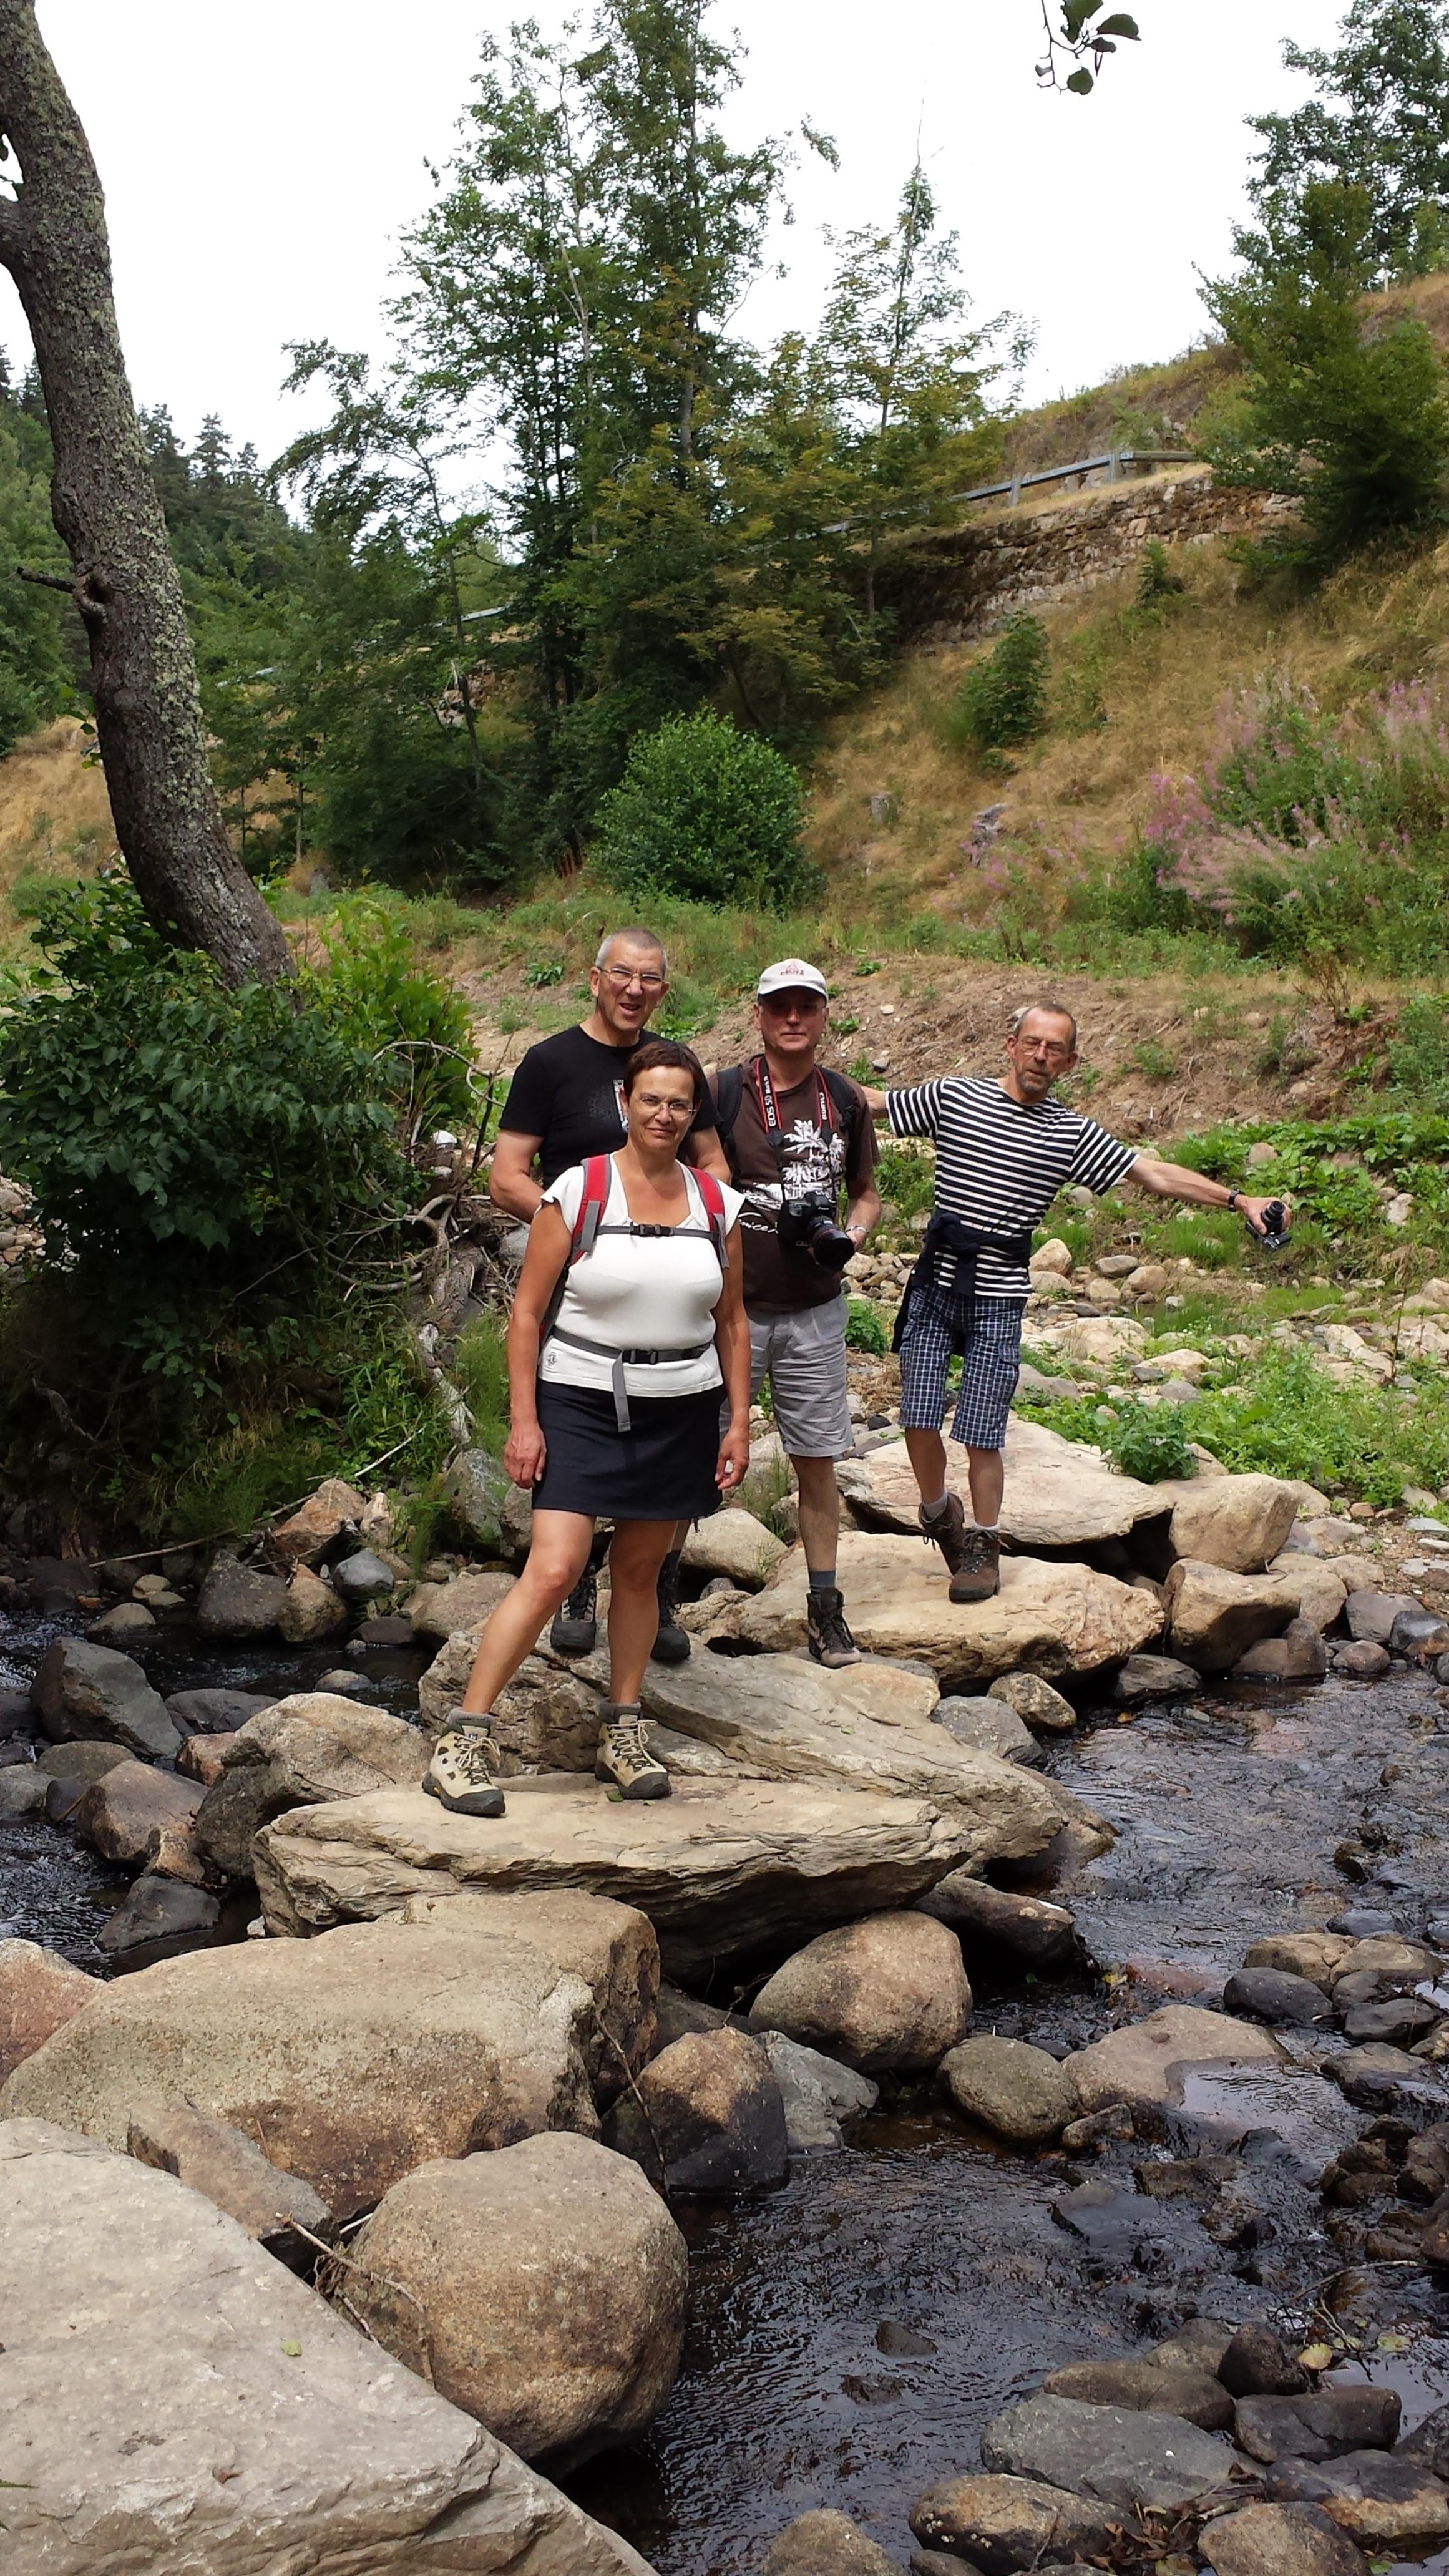 JP en randonnée avec des amis.